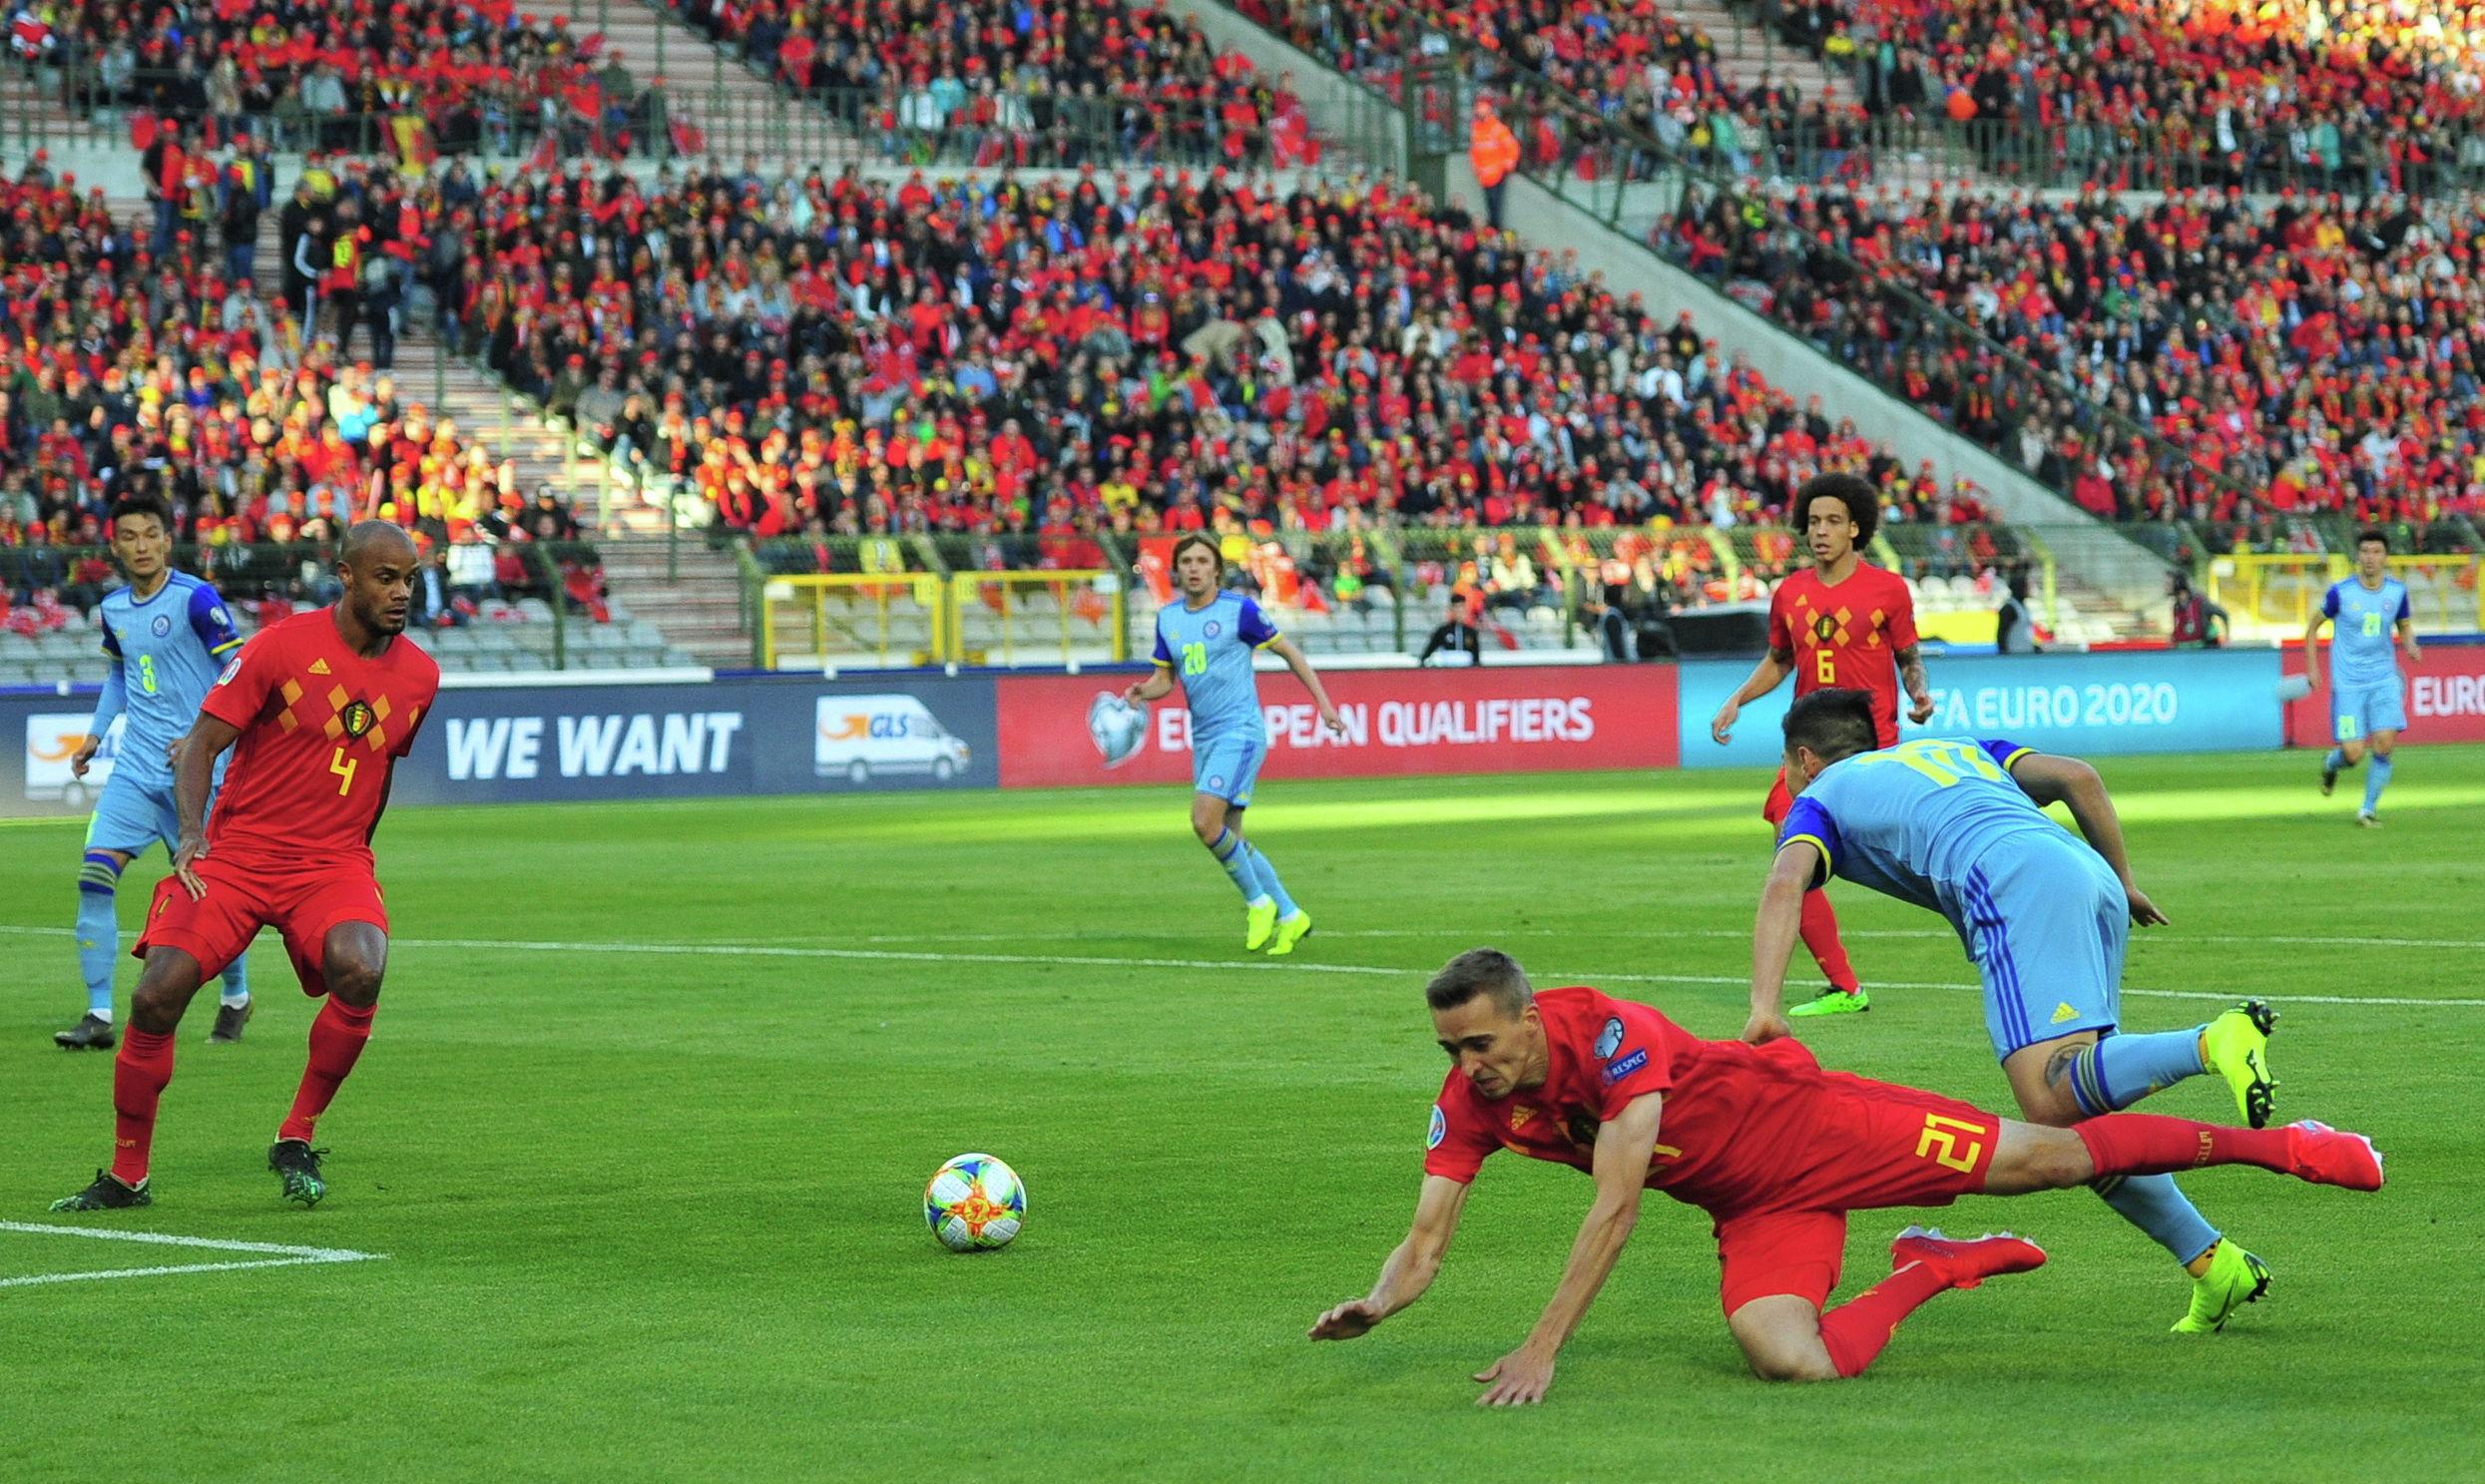 Матч Бельгия - Казахстан